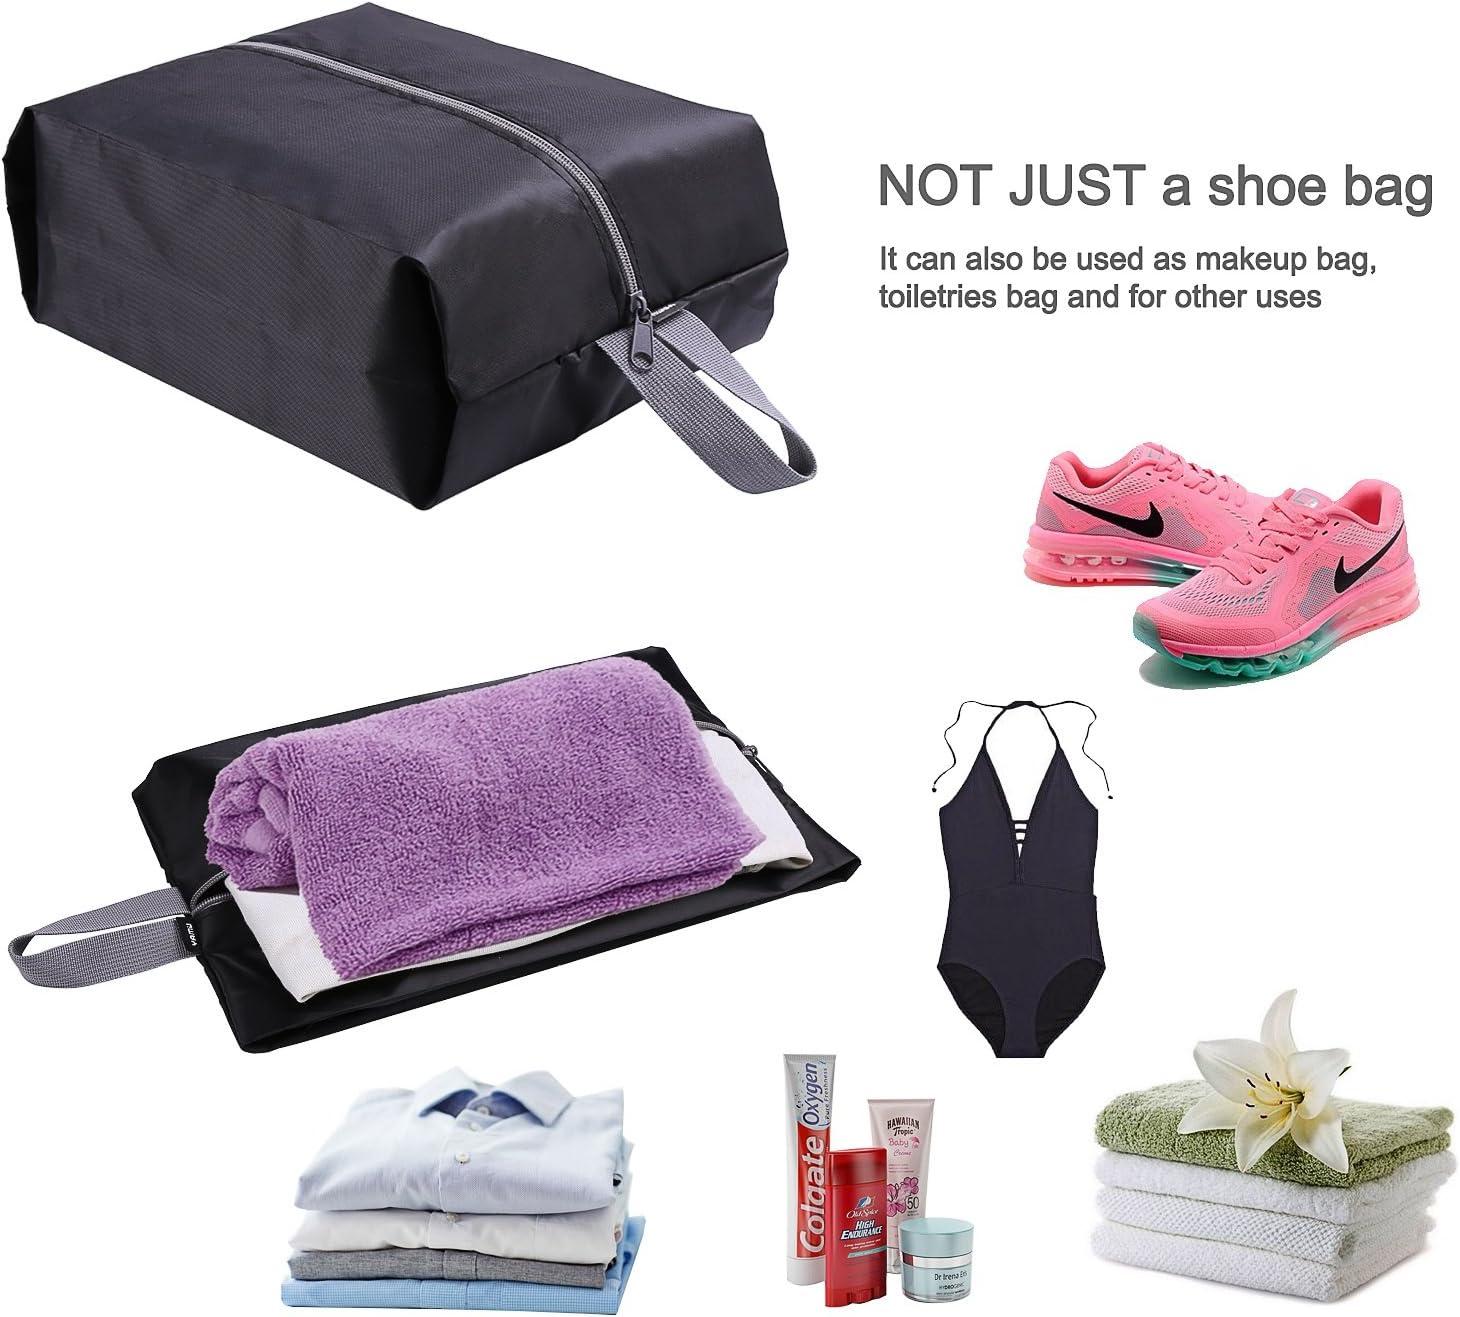 YAMIU Travel Shoe Bags Set of 4 Waterproof Nylon with Zipper for Men & Women, Black: Sports & Outdoors